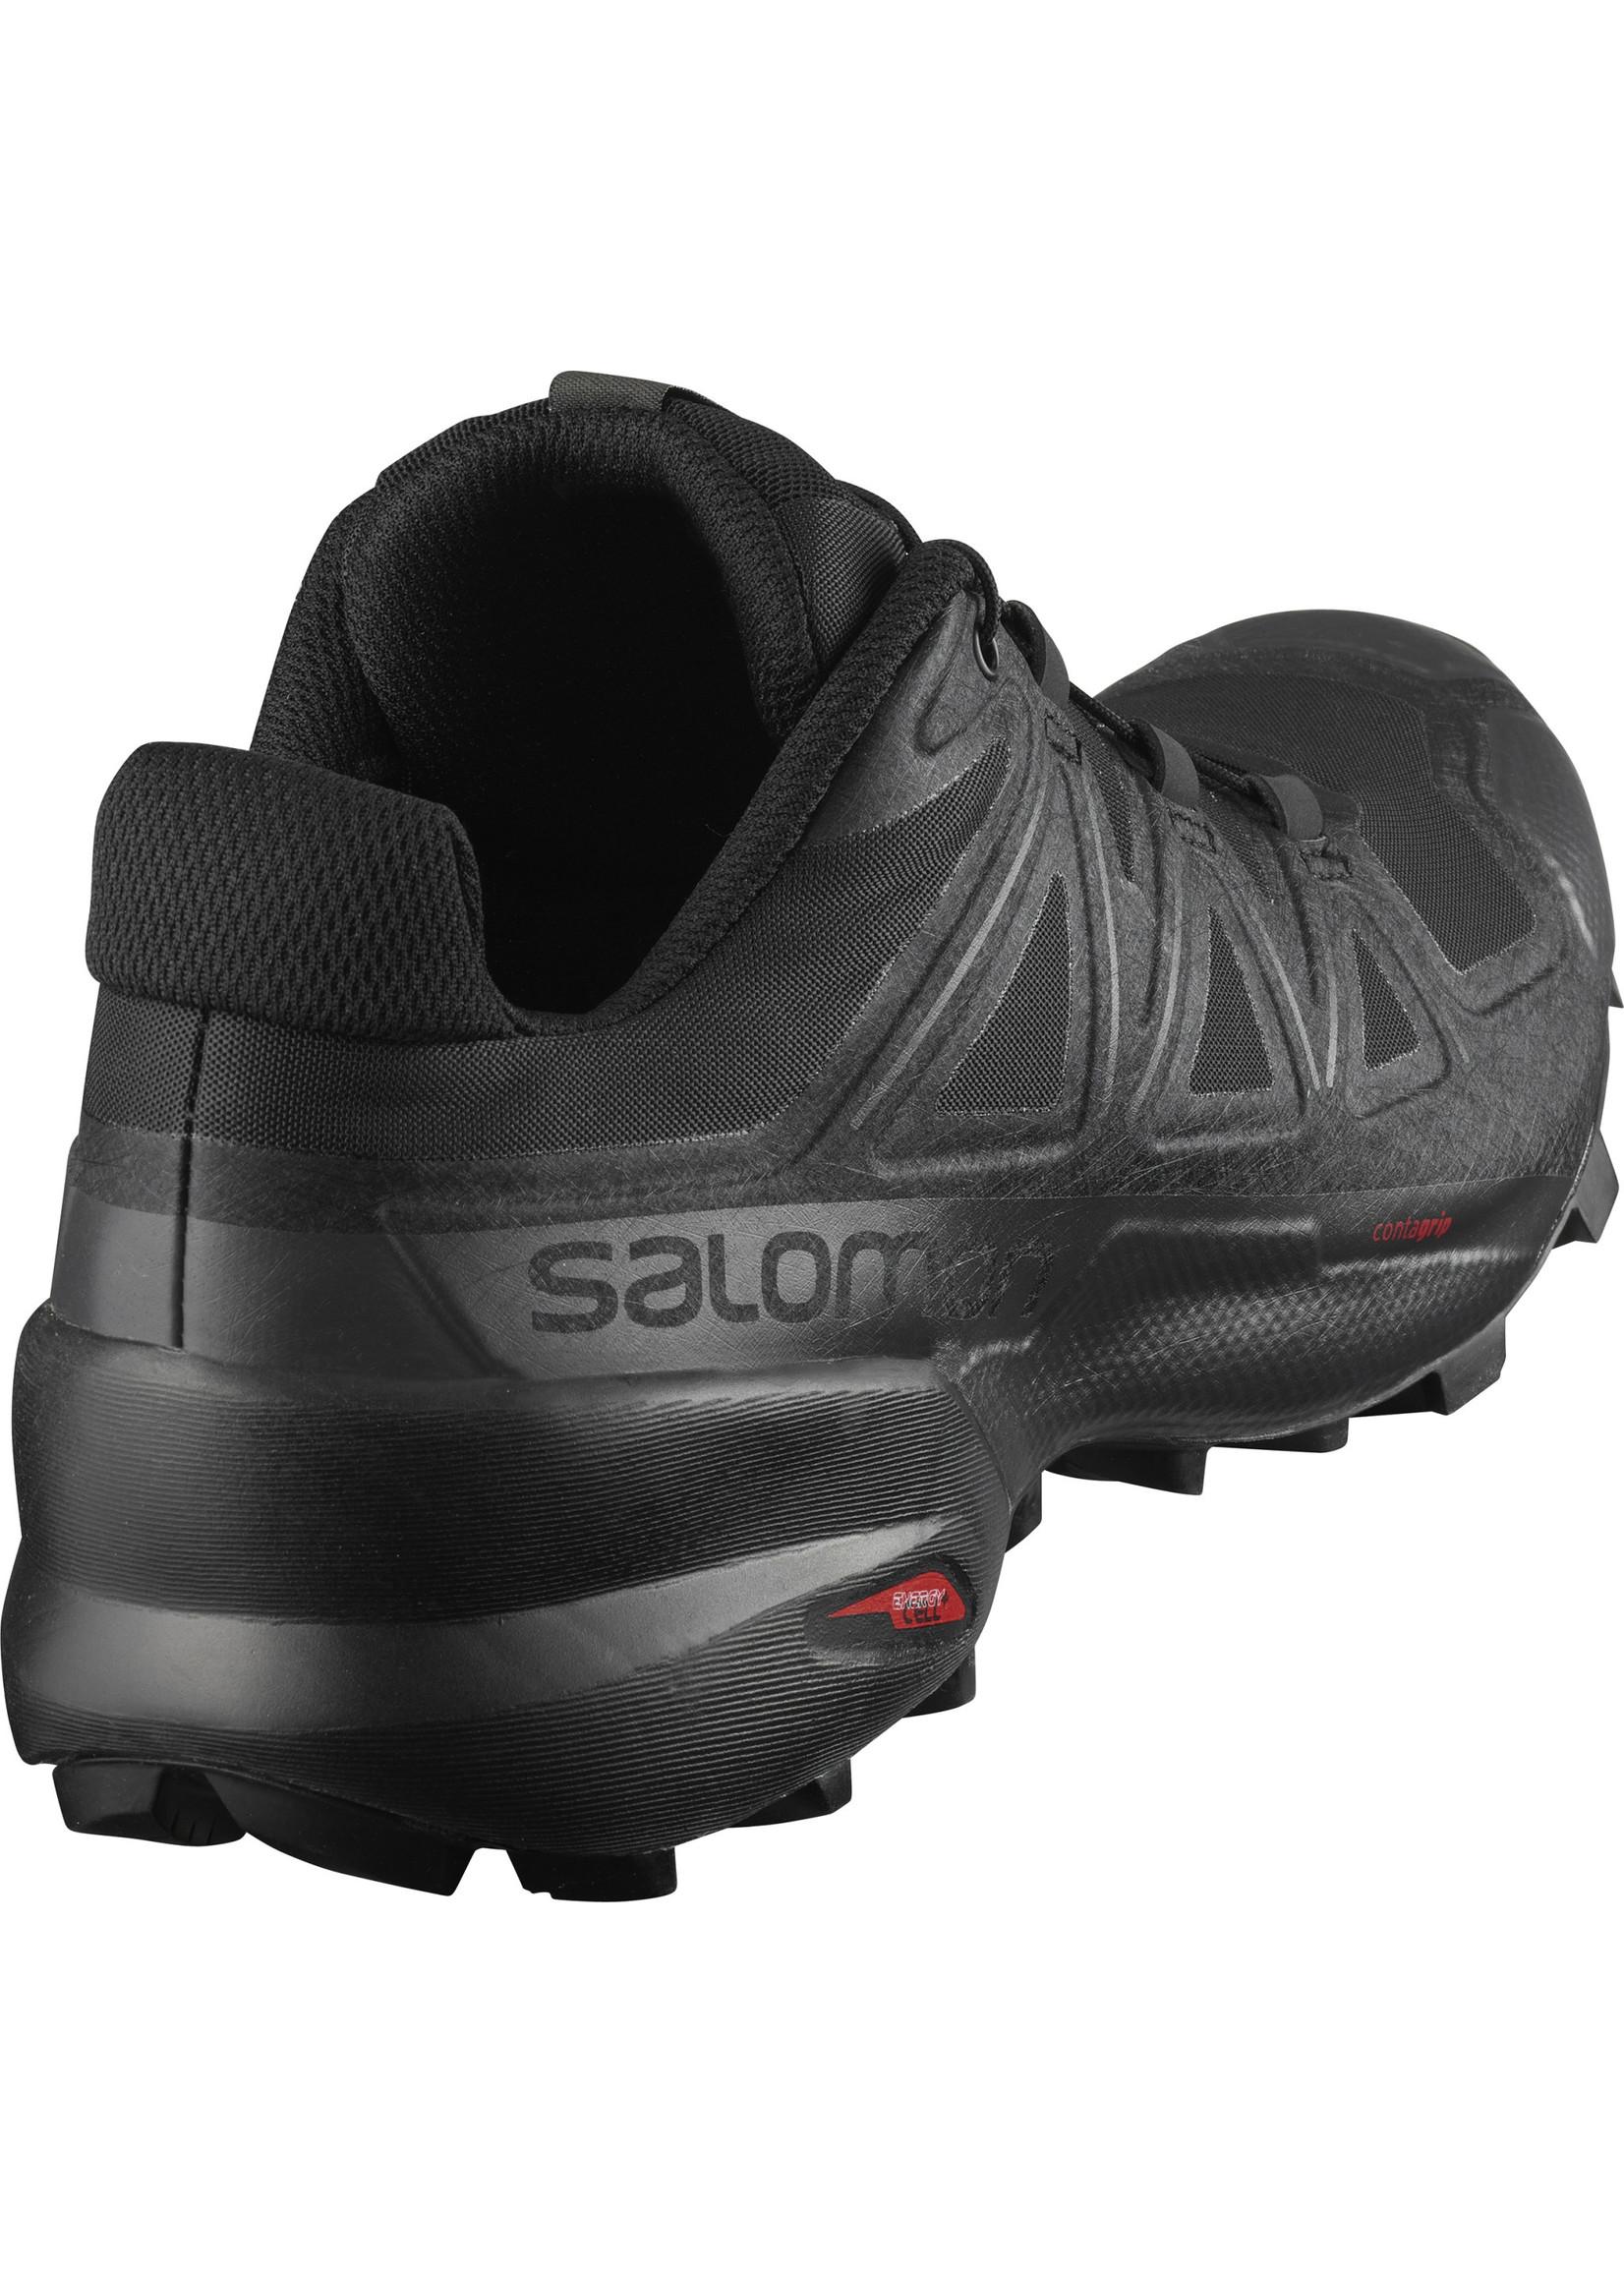 SALOMON Souliers SPEEDCROSS 5 WIDE